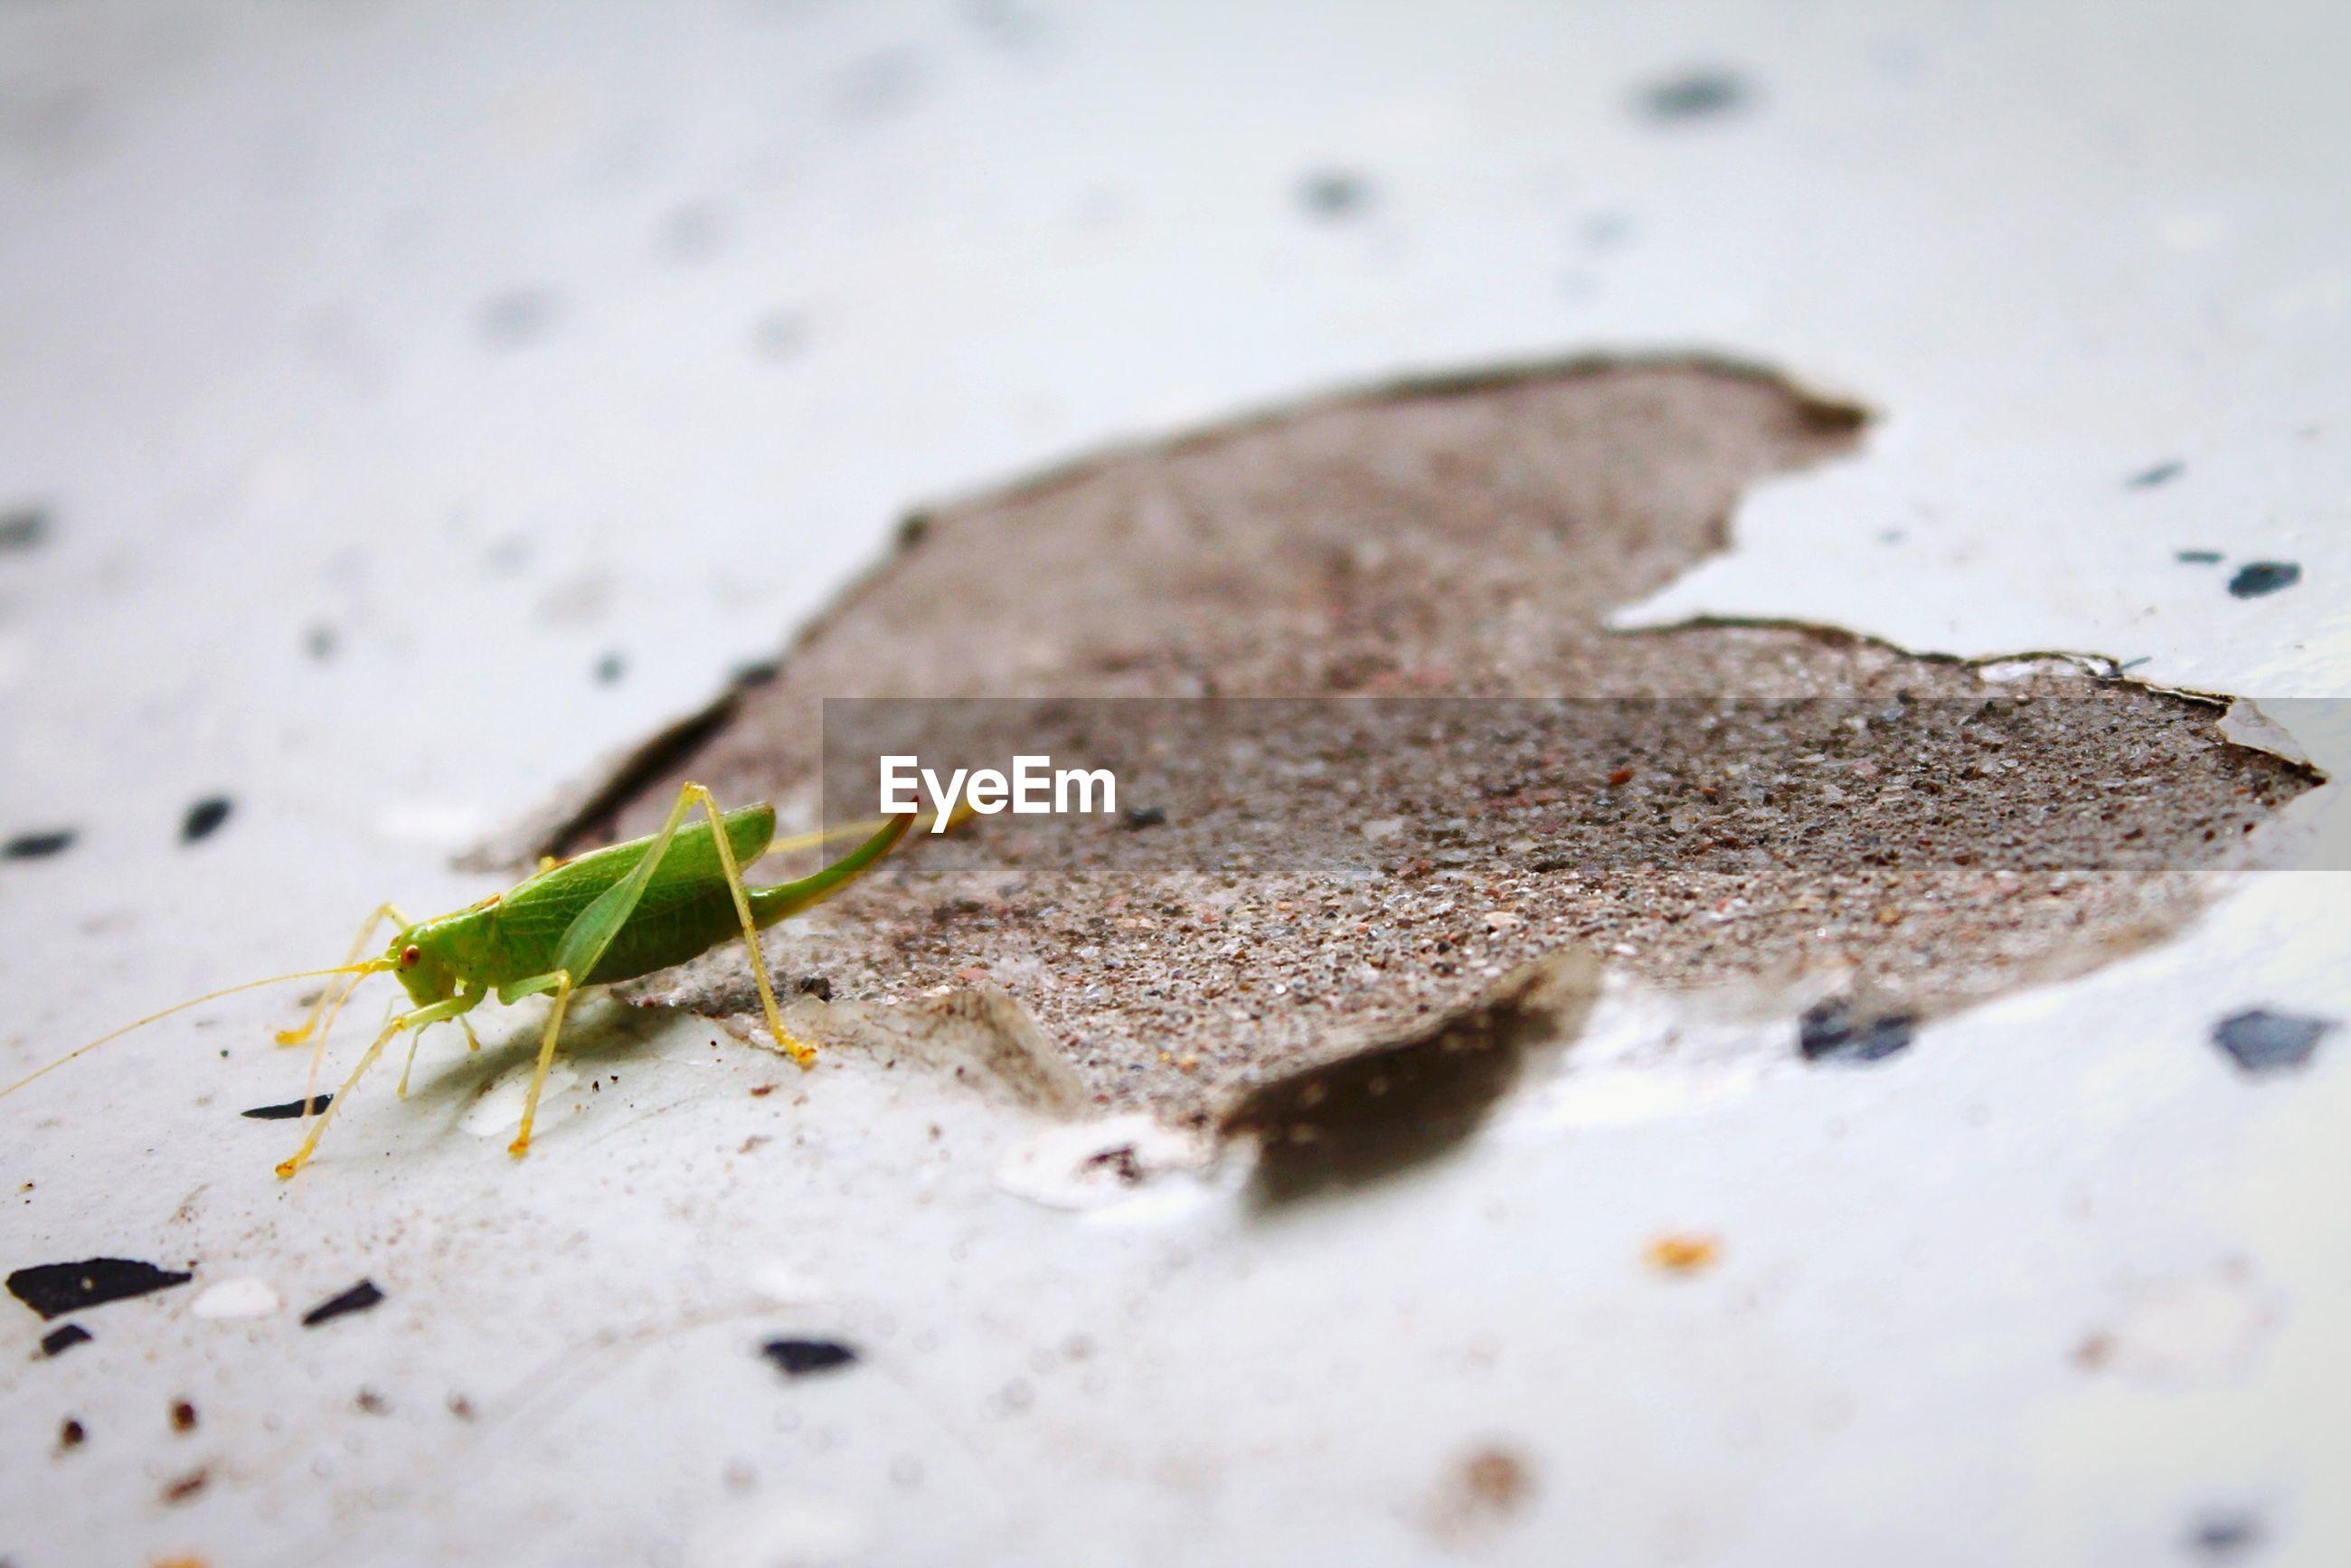 Grasshopper on floor